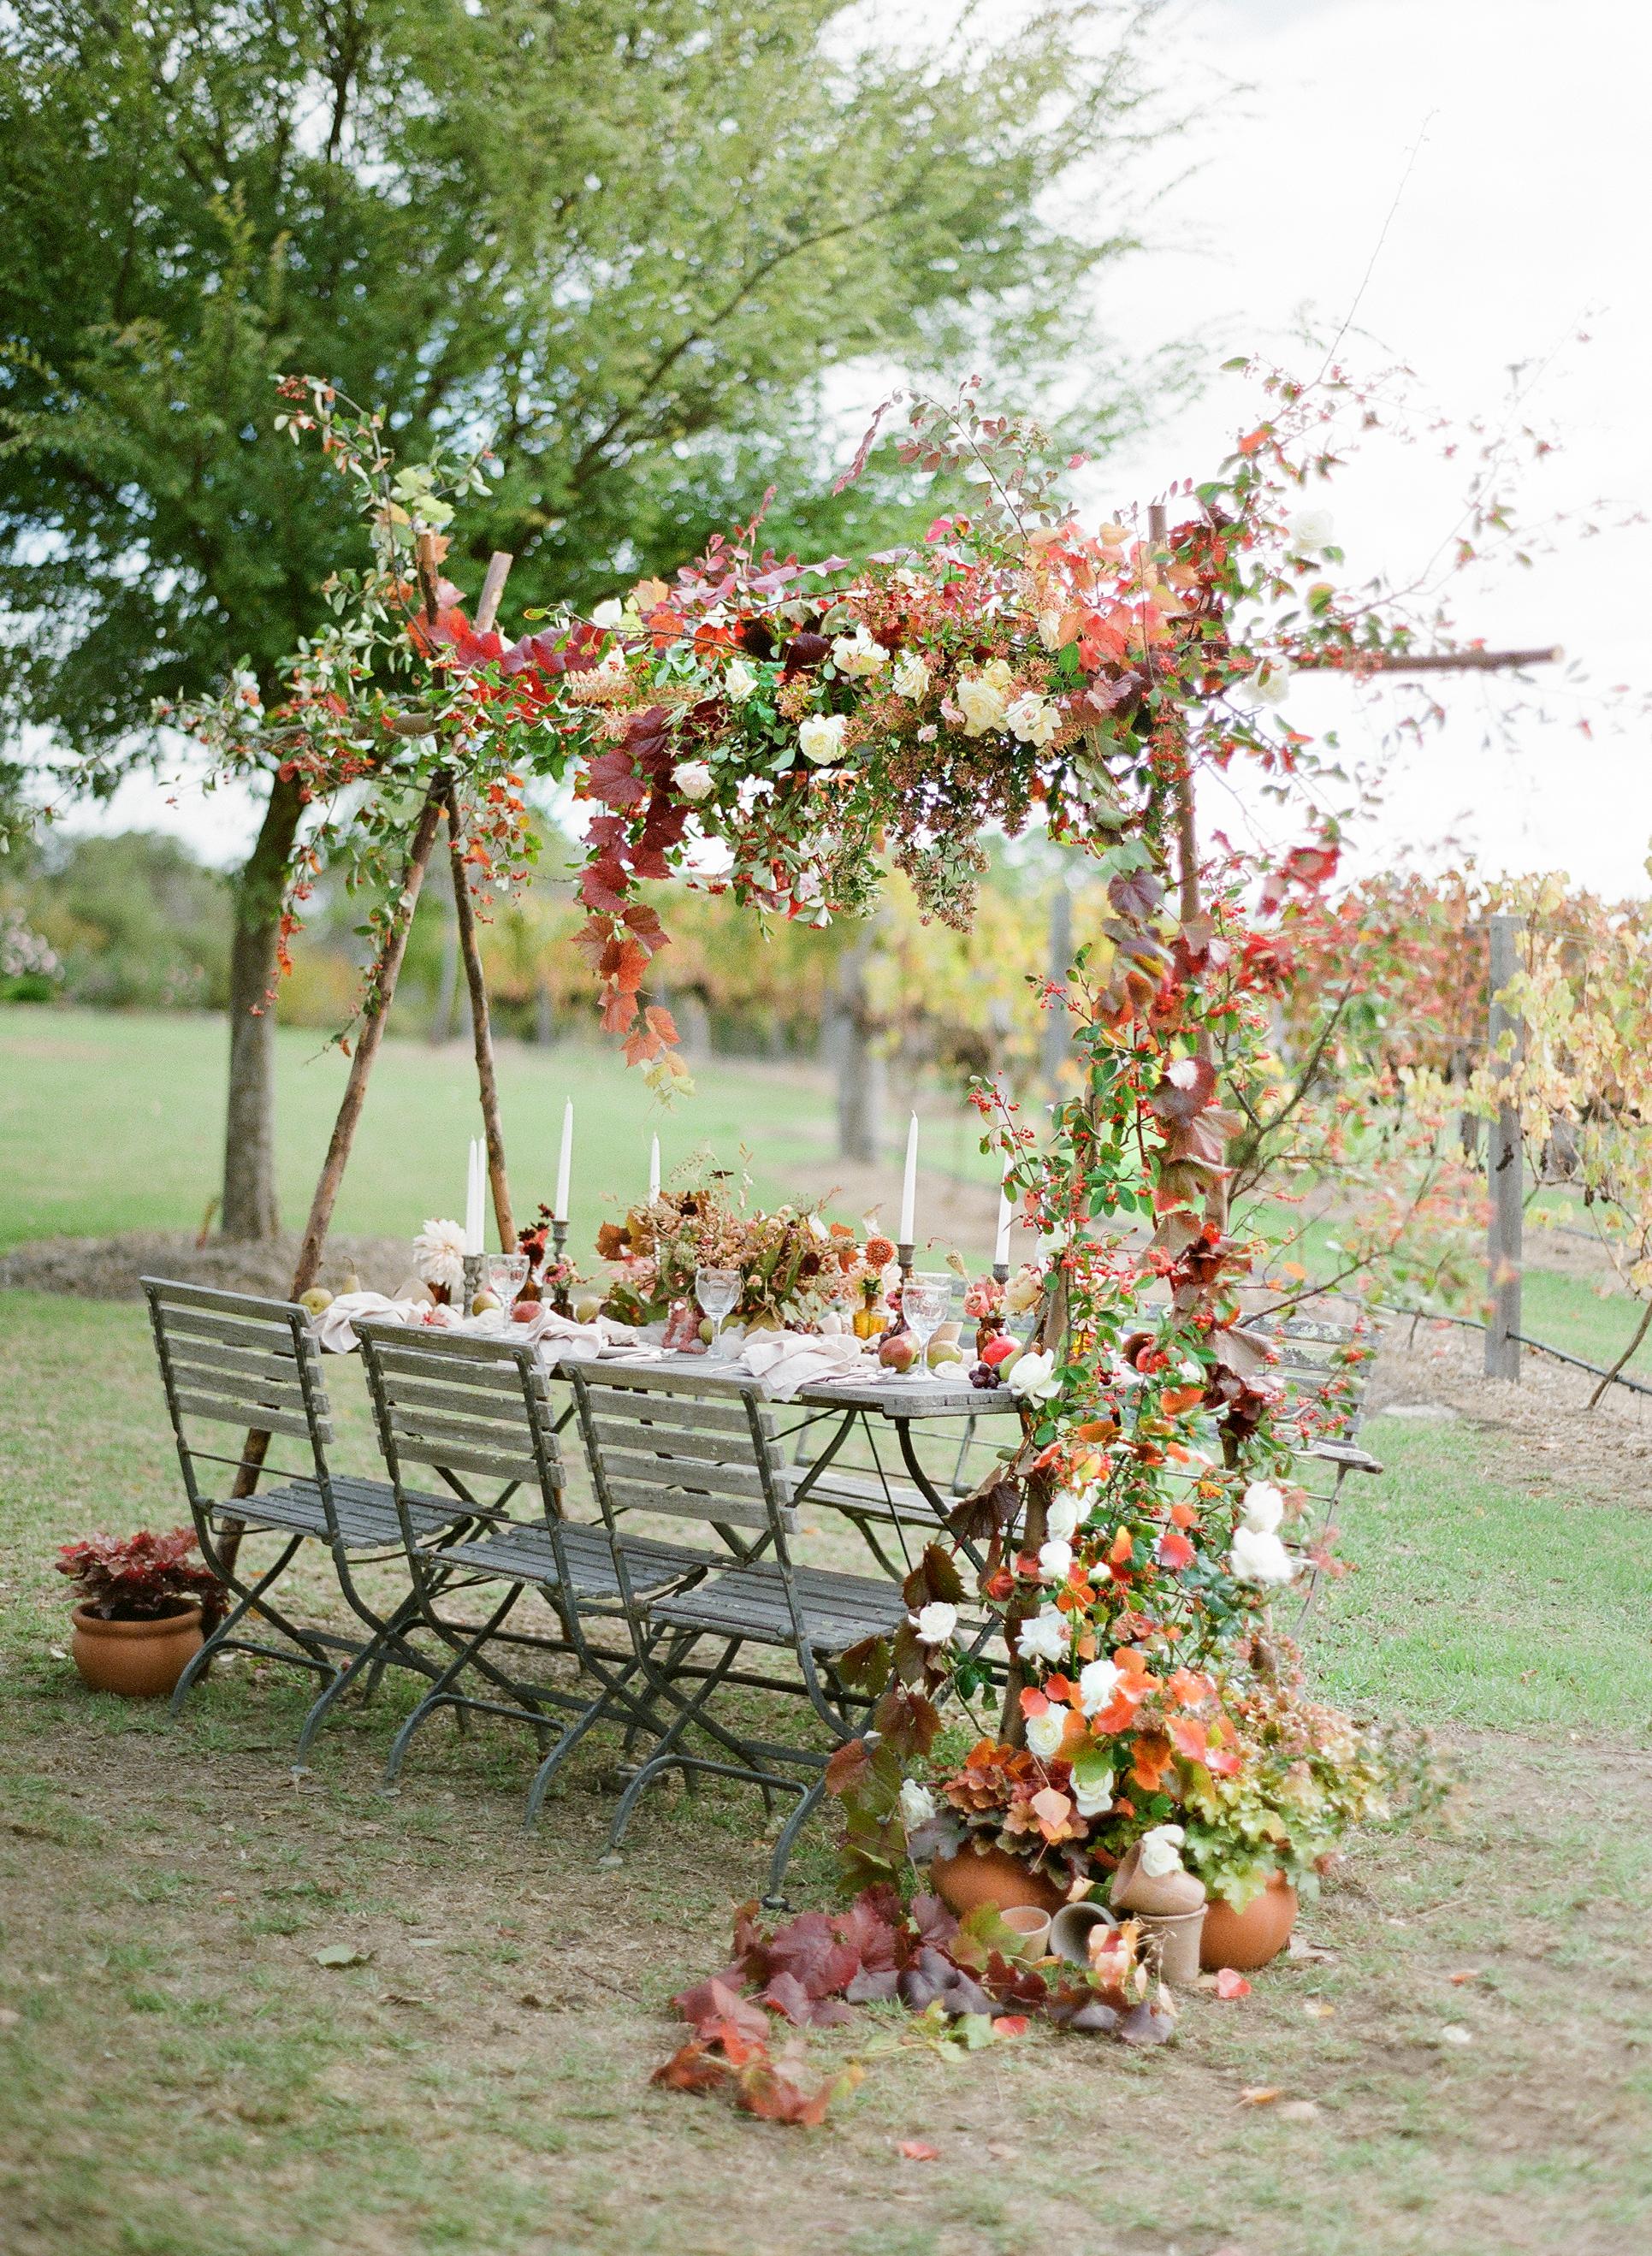 Autumn_Garden_Workshop_0332.jpg